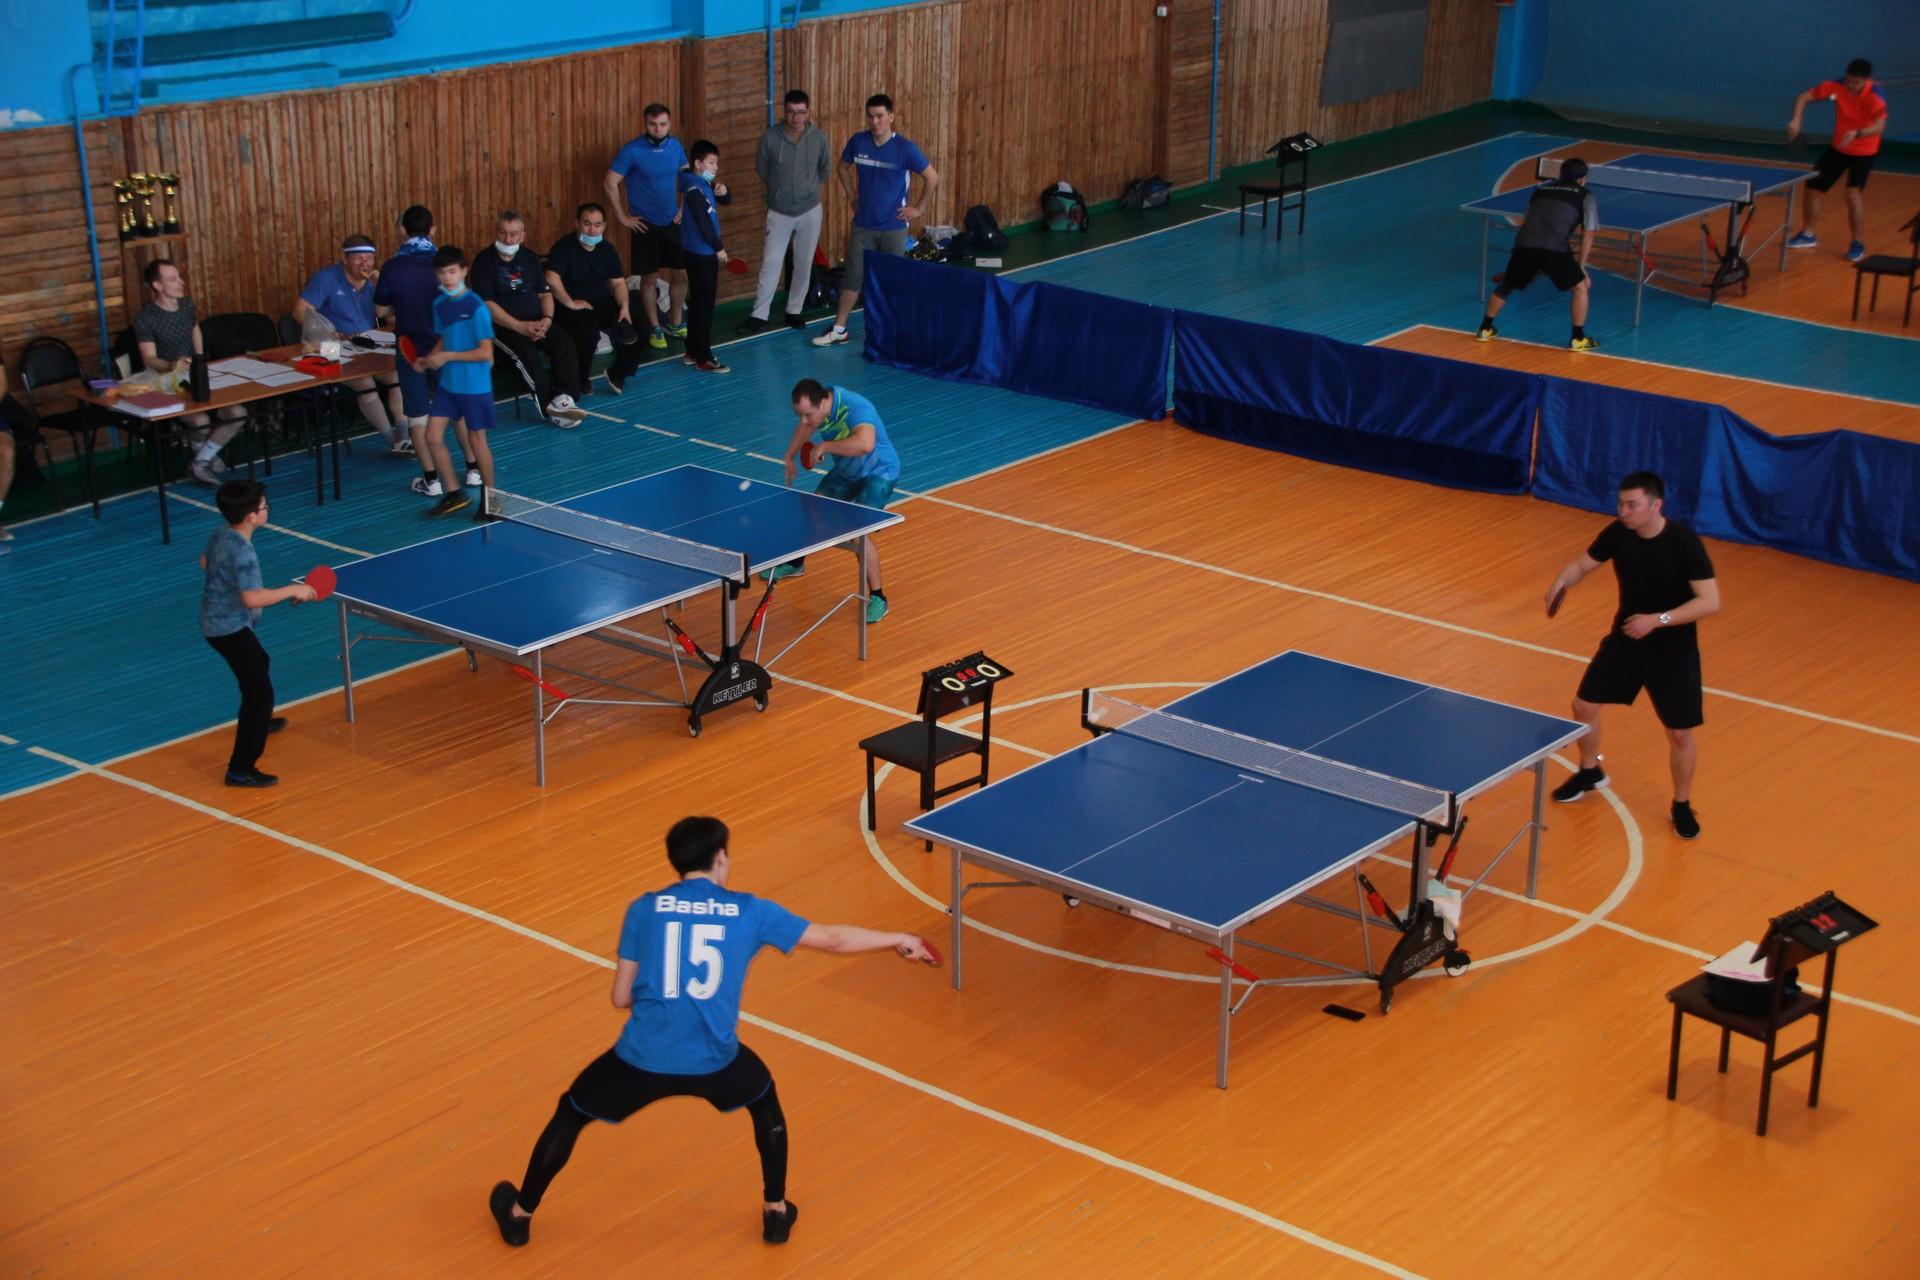 Прошло первенство города Байконура по настольному теннису, посвященное Дню защитника Отечества